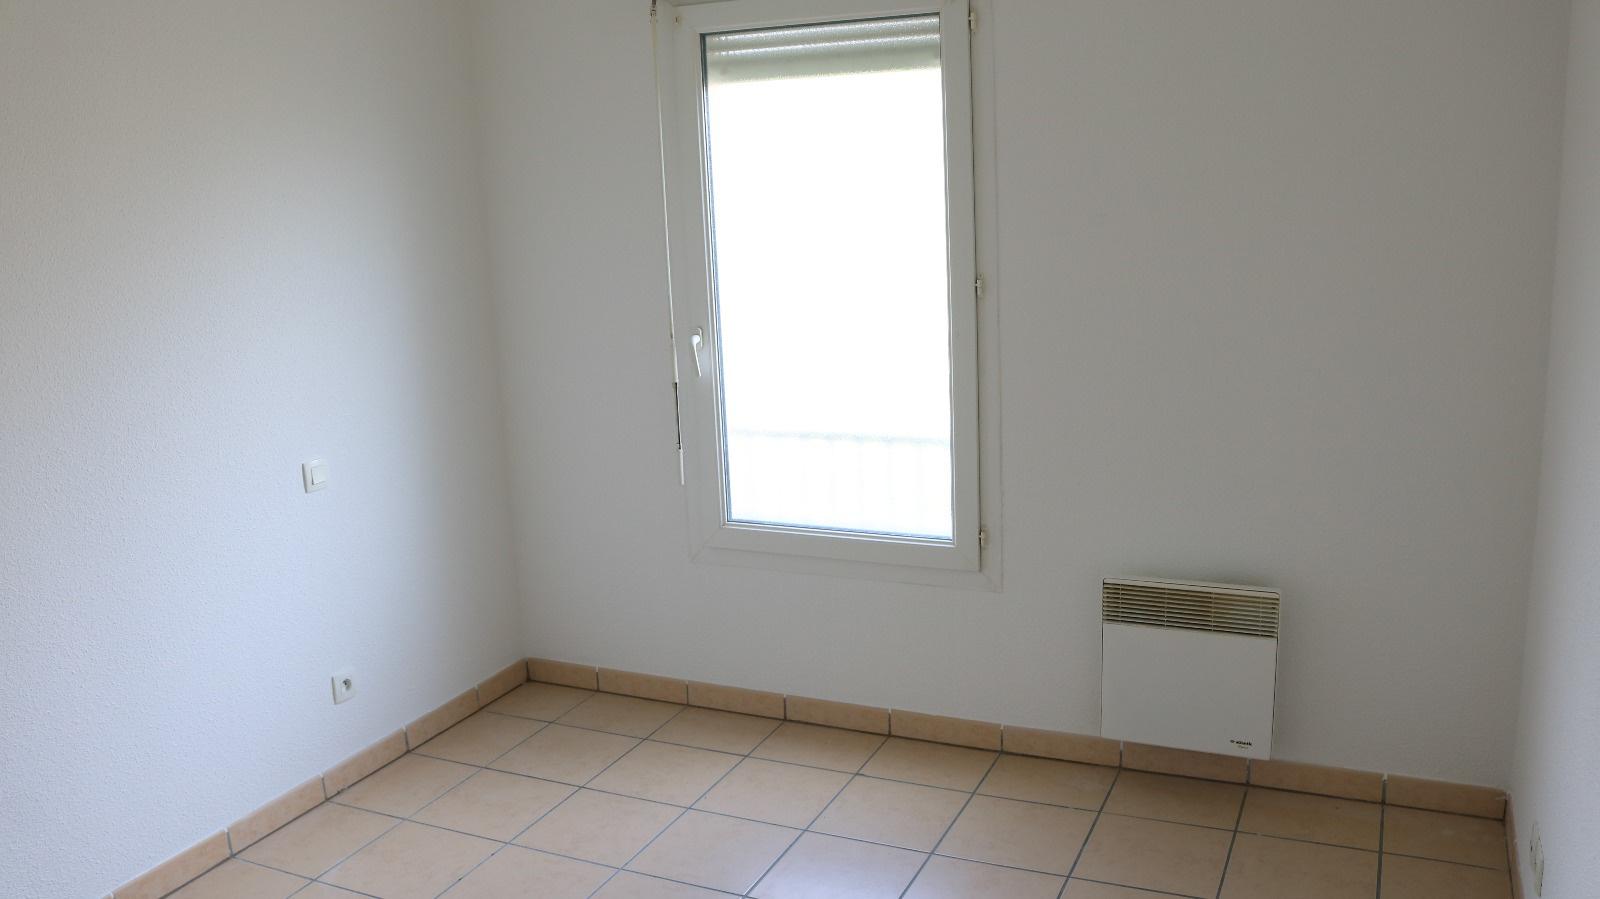 Ventes immo appartement 2 pieces de 41 5 m2 libre for Appartement bordeaux 40m2